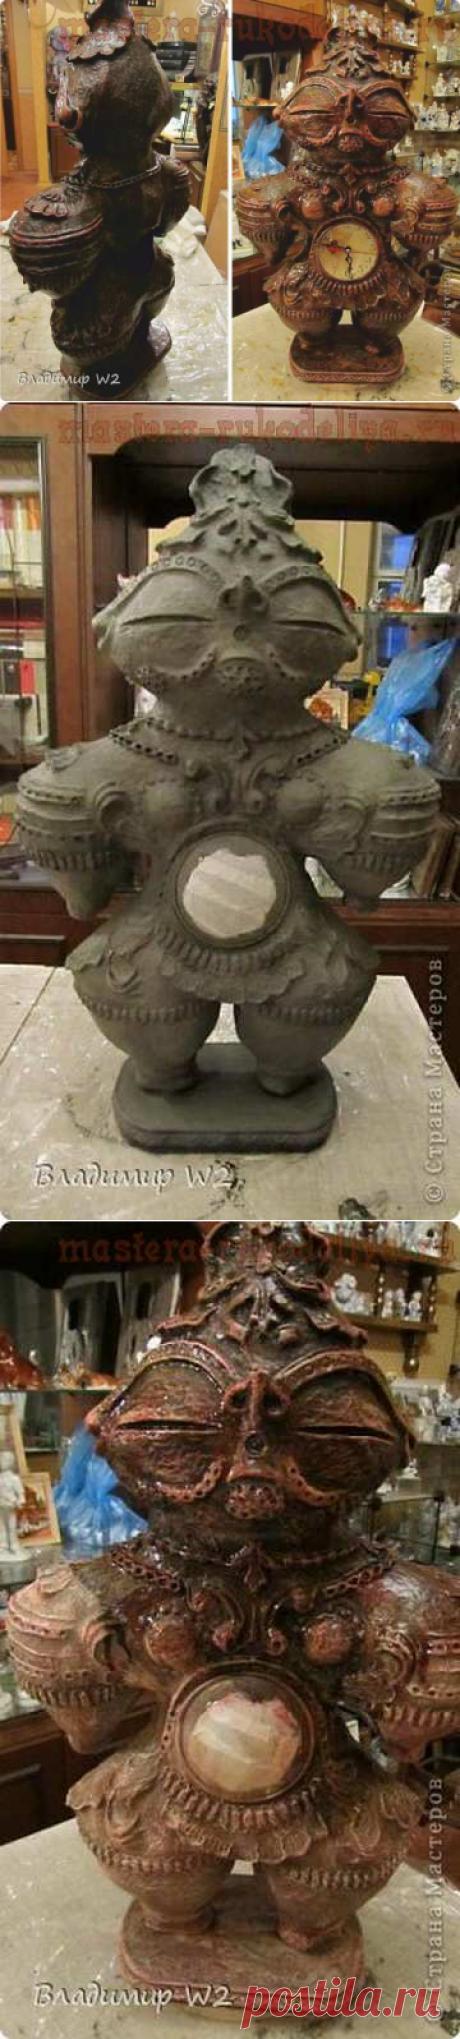 Мастер-класс по папье-маше: Скульптура Догу